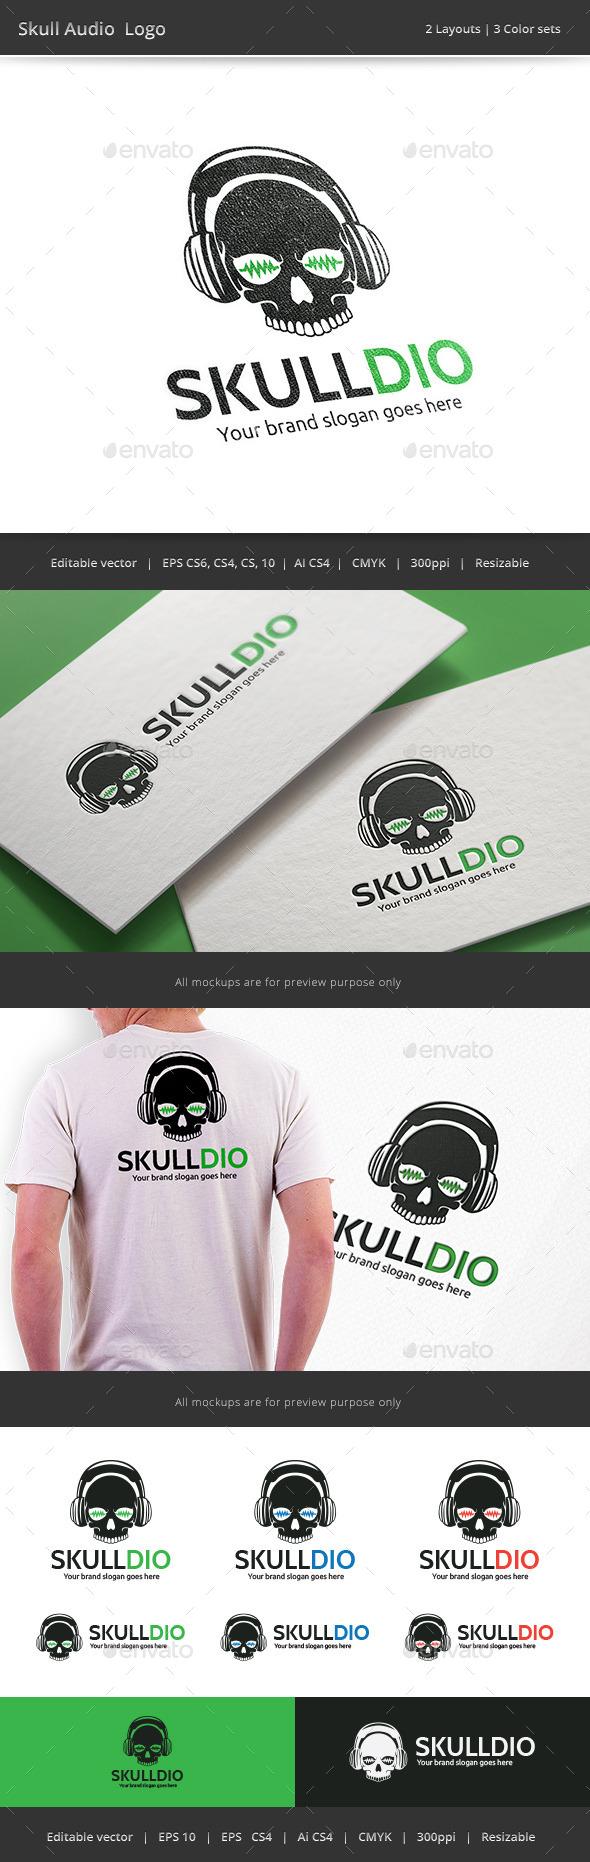 Skull Audio Logo